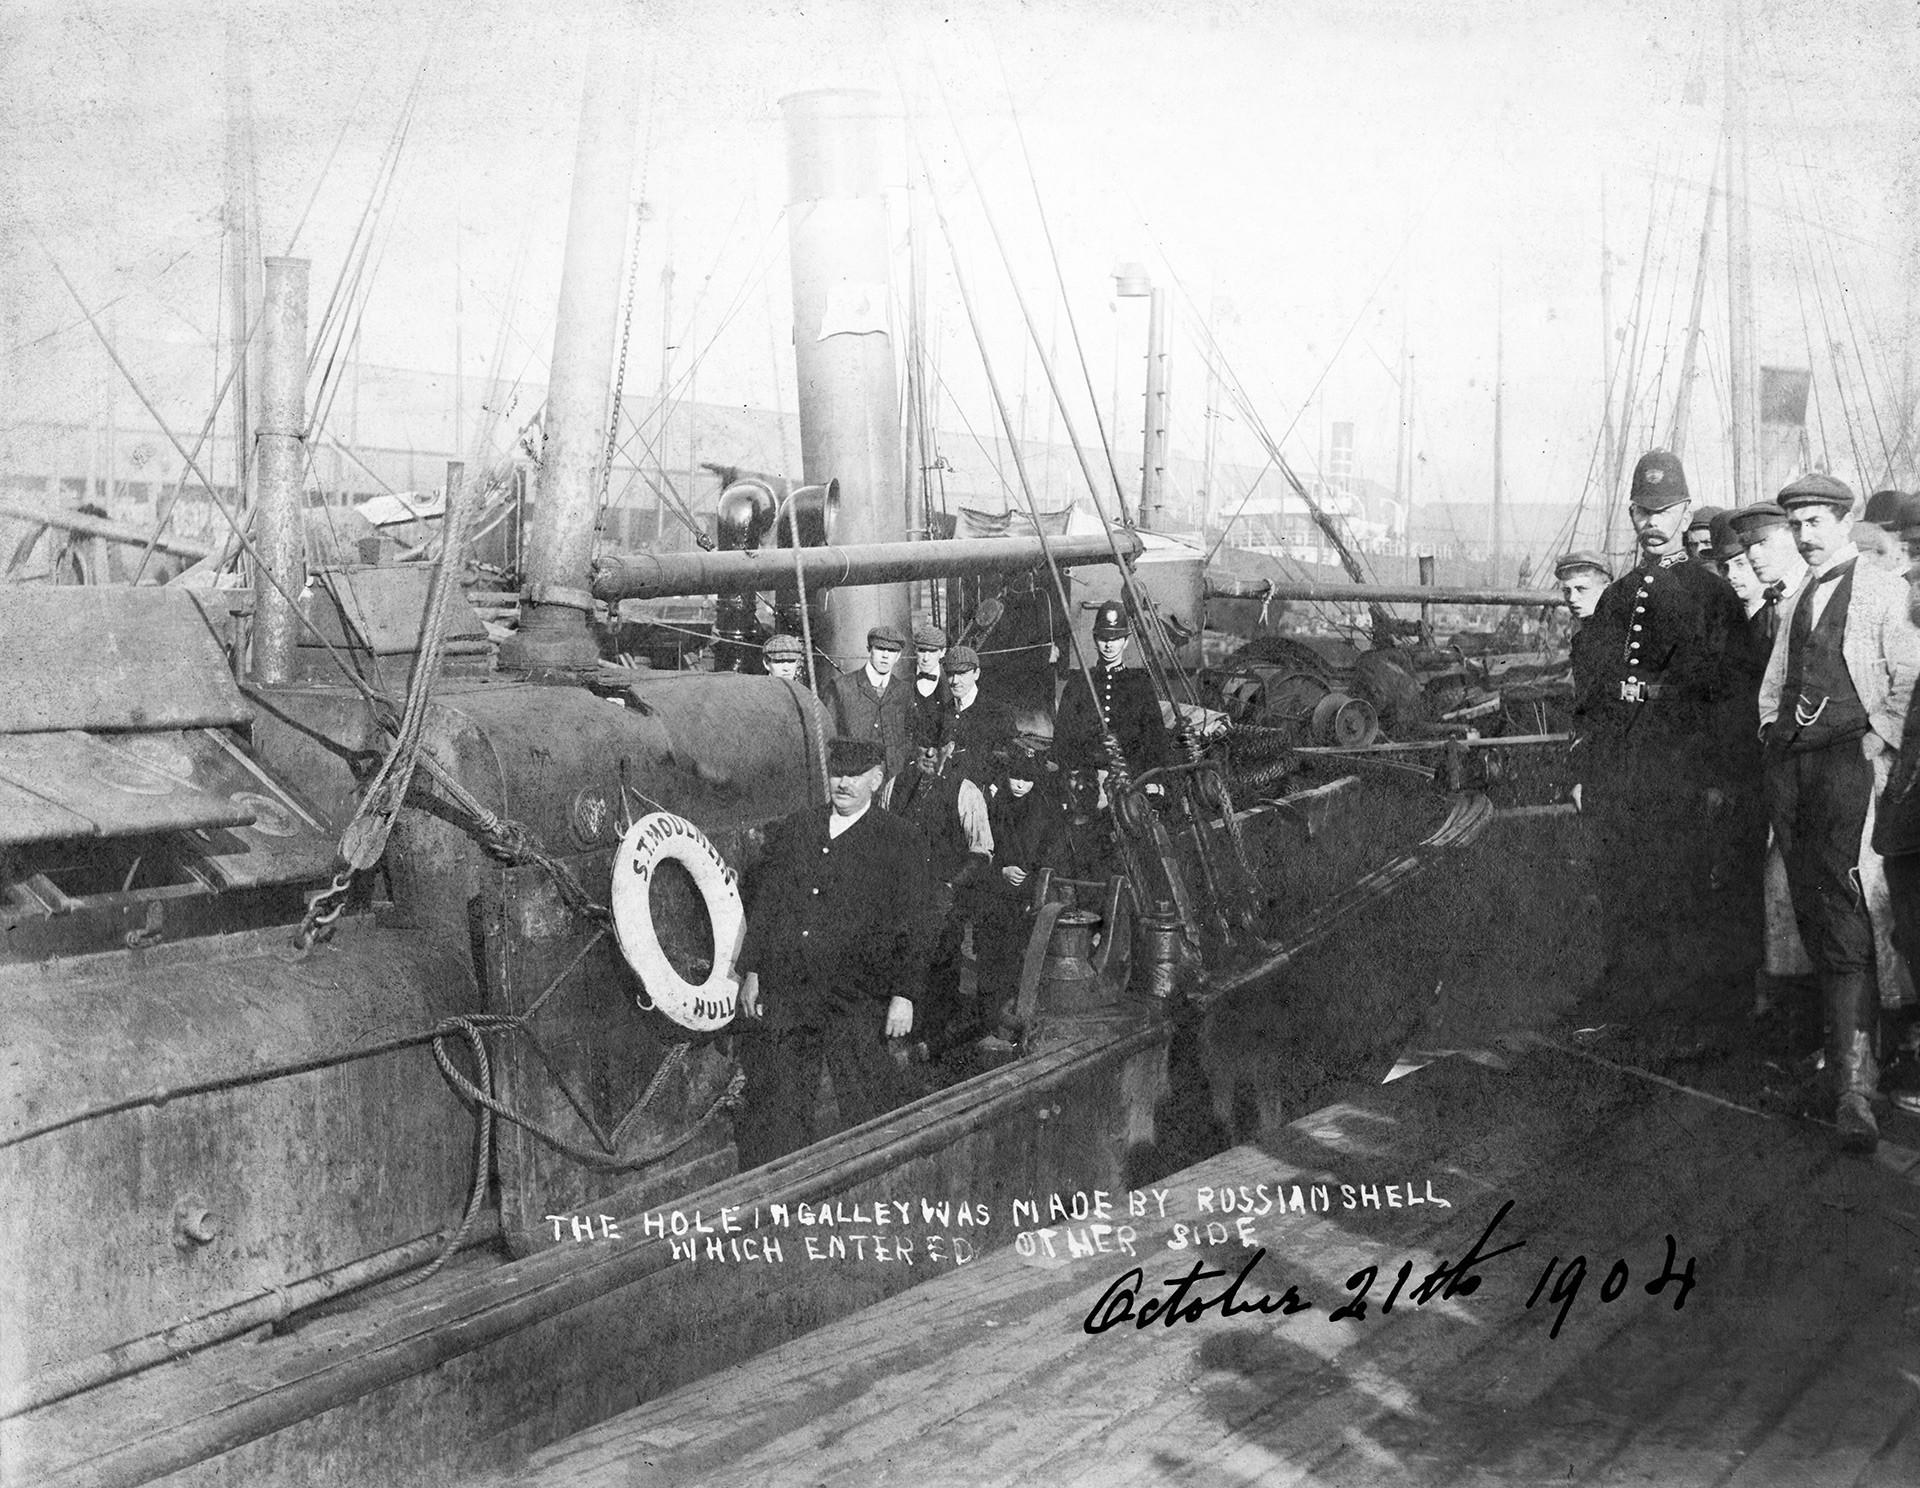 Impacto causado pela frota russa no pesqueiro britânico St Moulmein